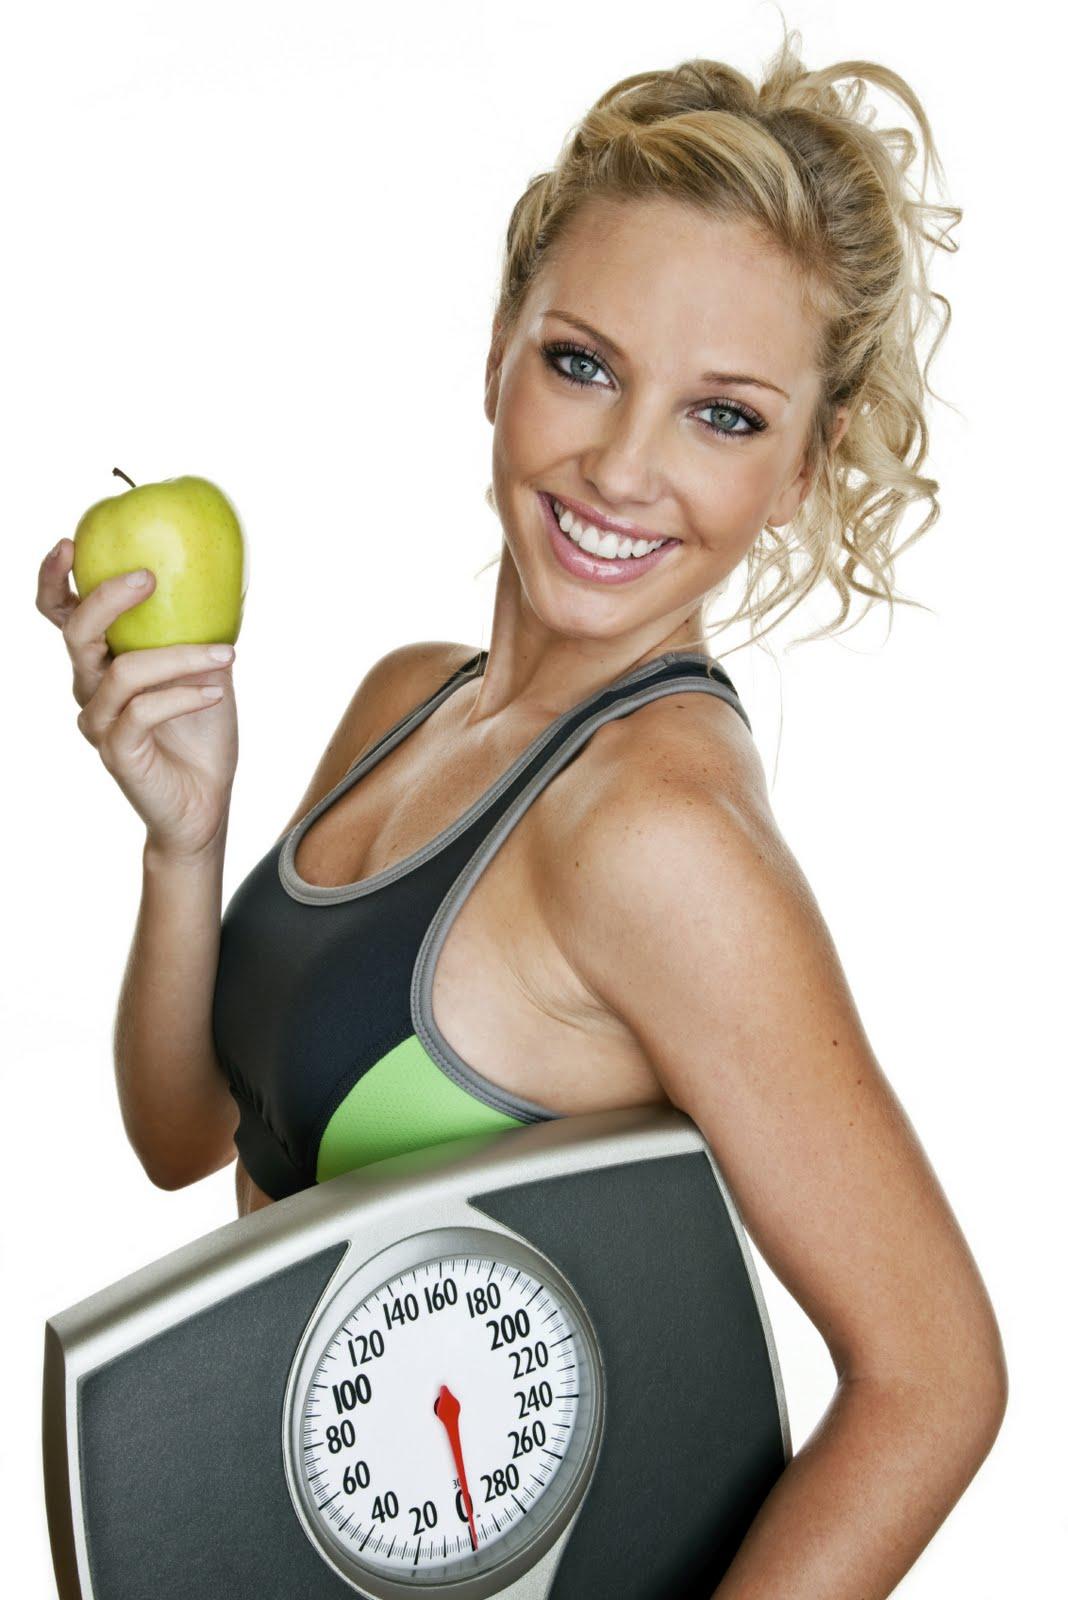 Лучший Результат В Похудении. Как похудеть? Просто! 10 реальных историй похудения. 20 золотых правил на пути к идеальному телу